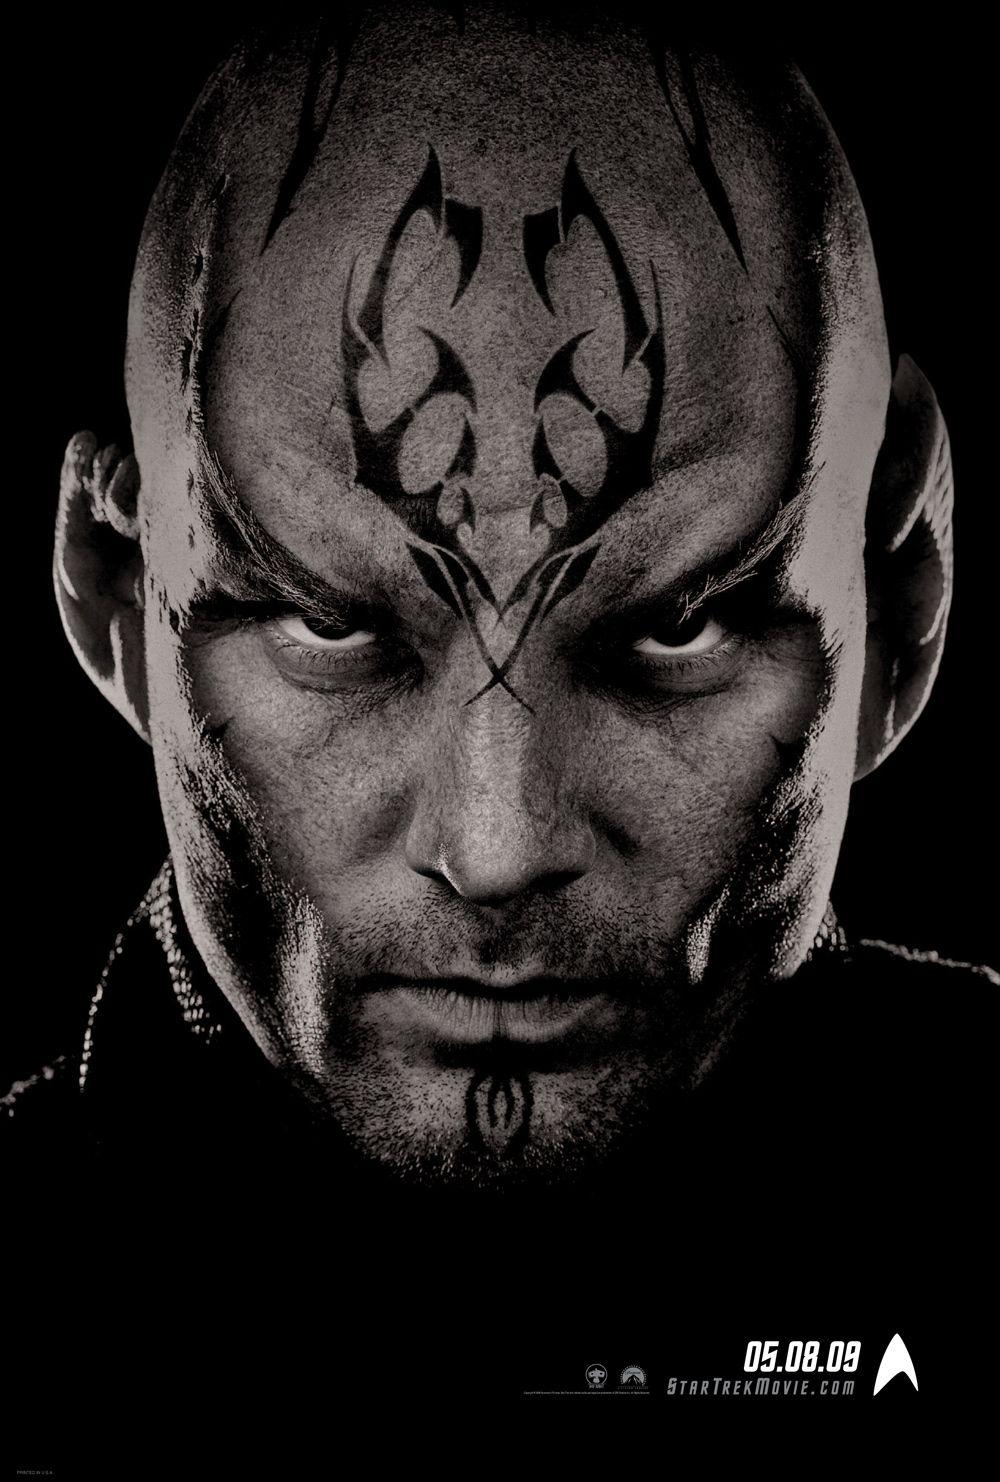 Captain Nero From Star Trek 2009 Ah Just Another Misunderstood Villain